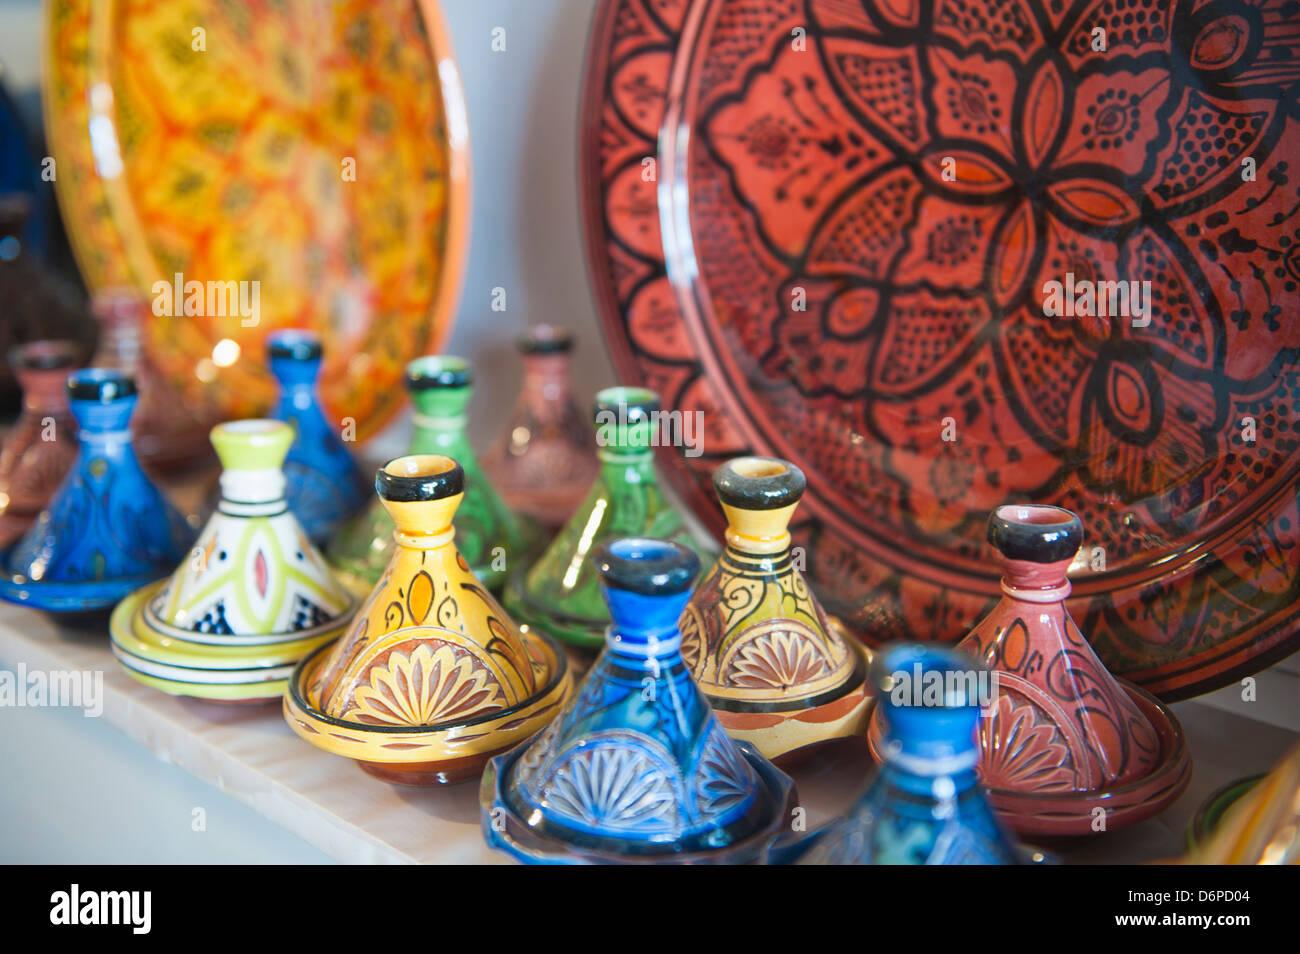 Keramik zum Verkauf, Essaouira, ehemals Mogador, Marokko, Nordafrika, Afrika Stockbild